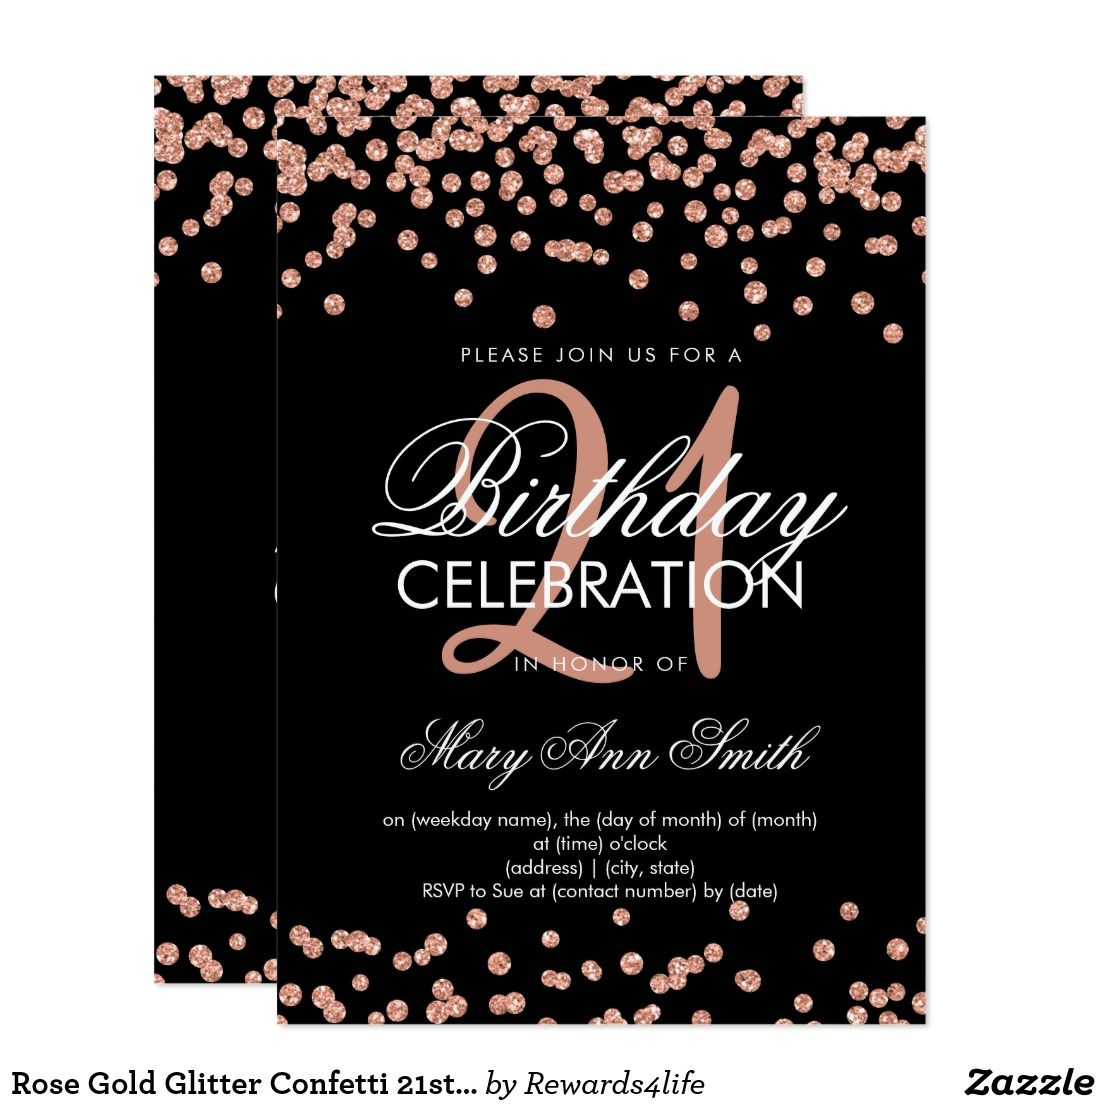 rose gold glitter confetti 21st